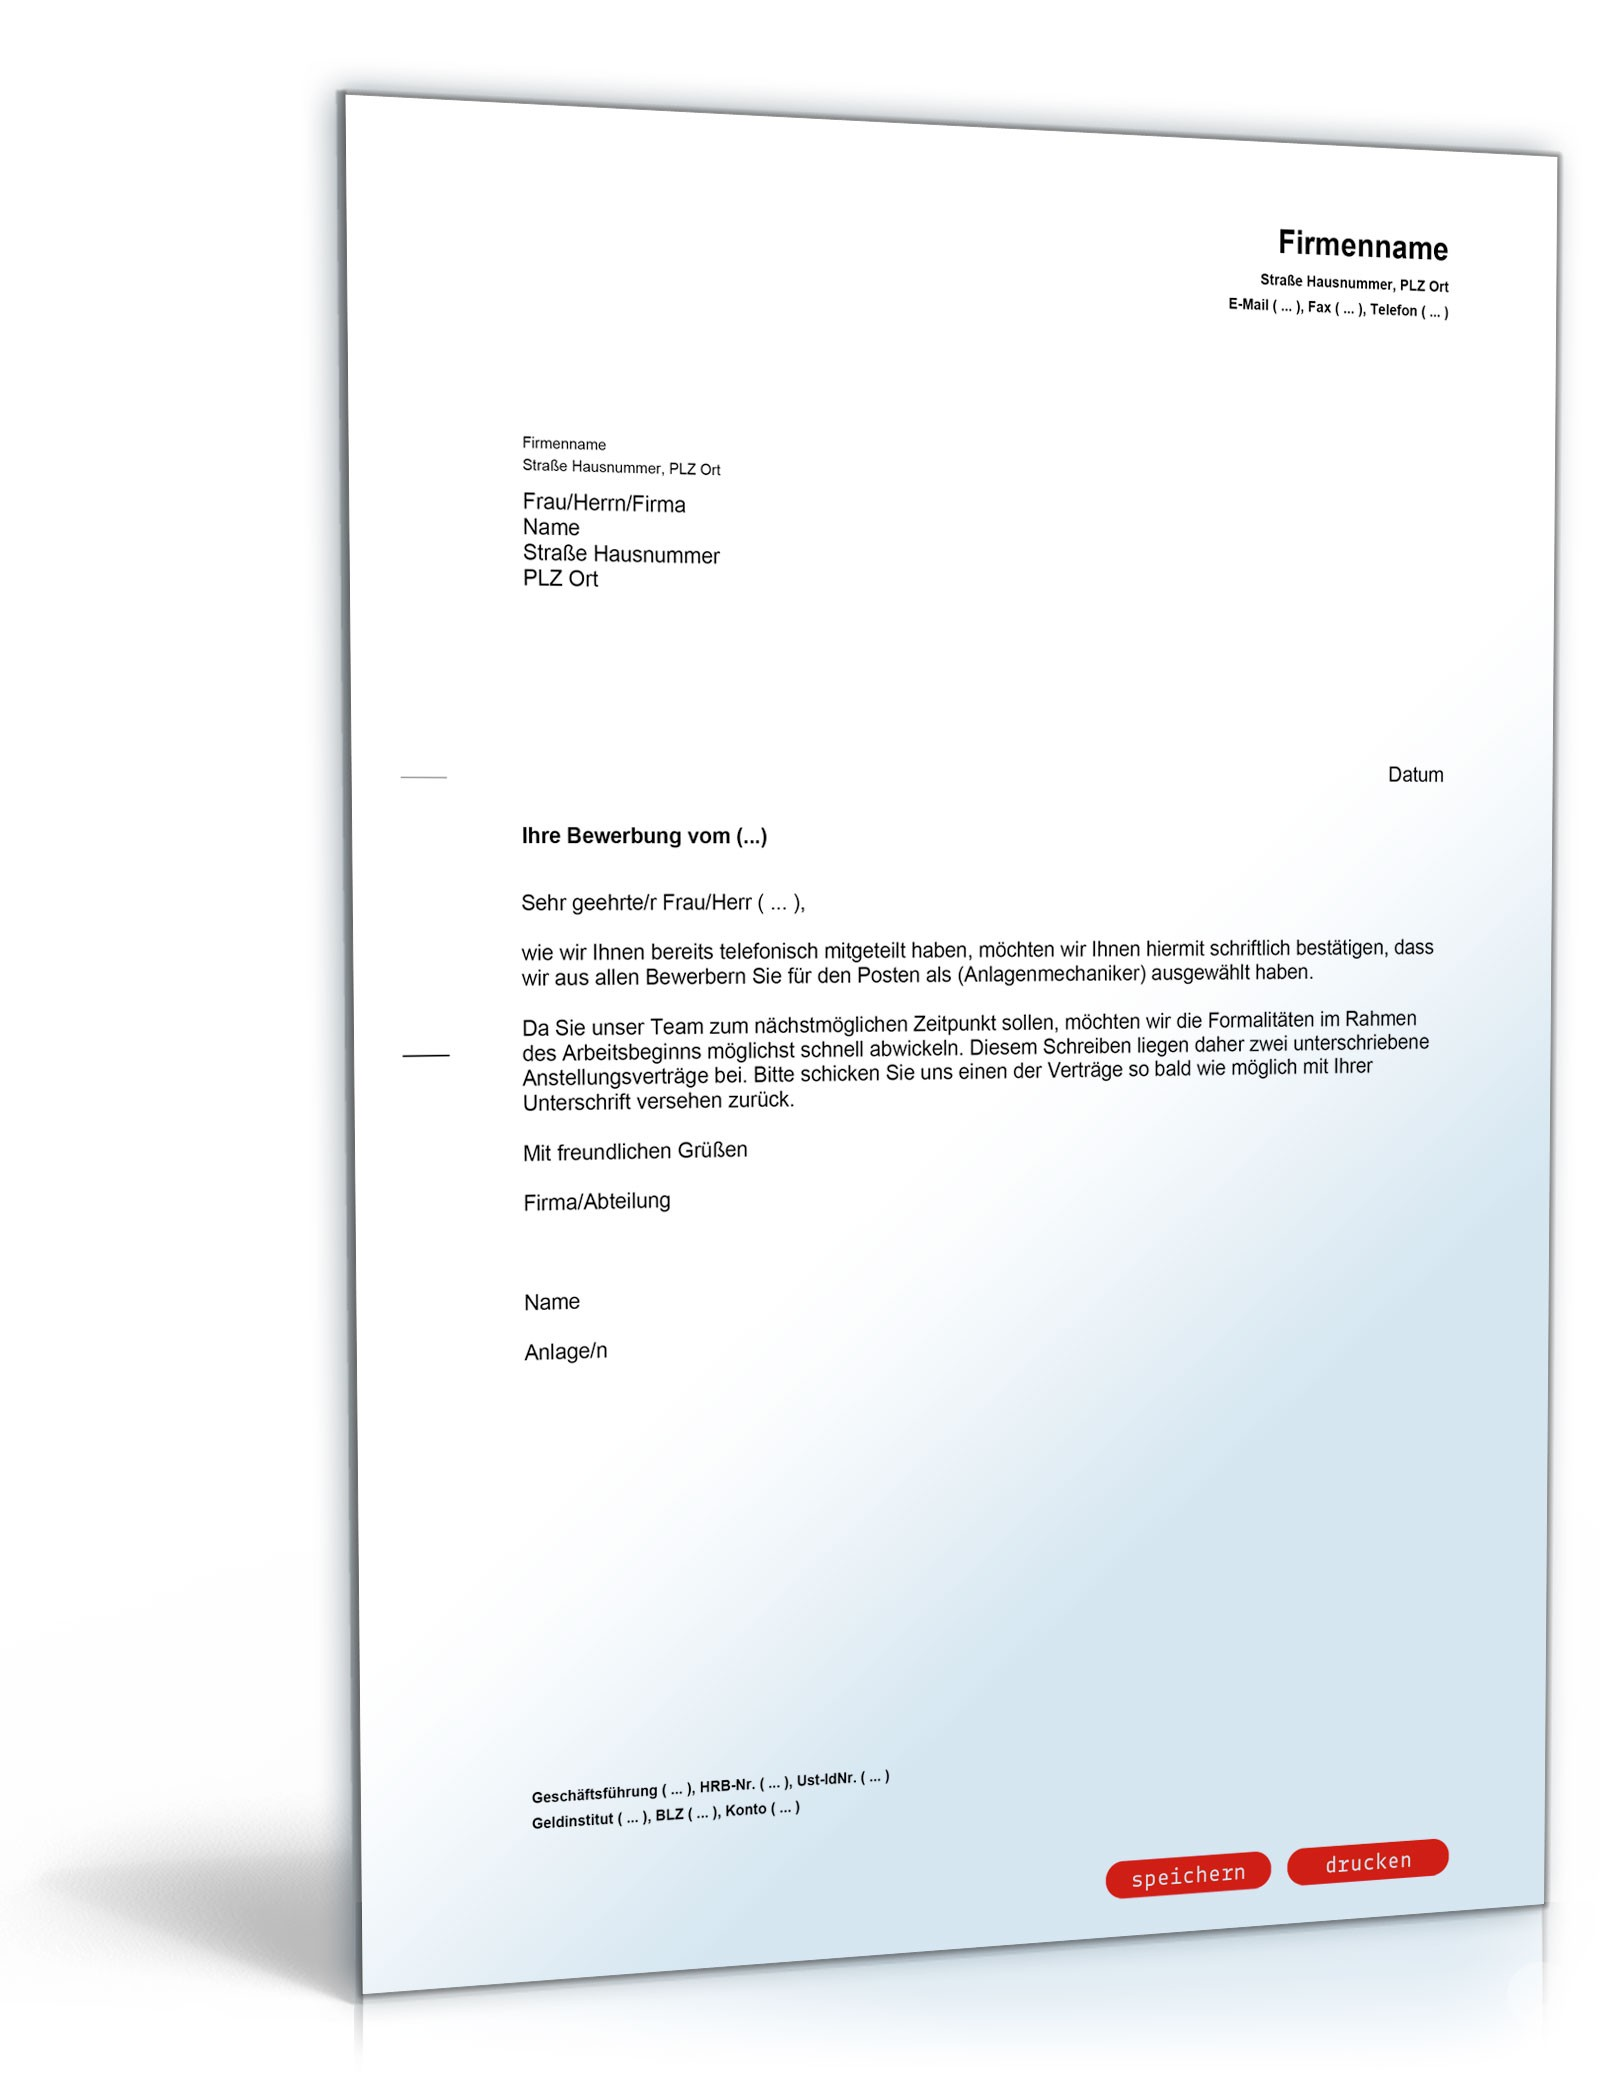 Einstellungszusage mit Arbeitsvertrag in der Anlage - Muster-Vorlage ...